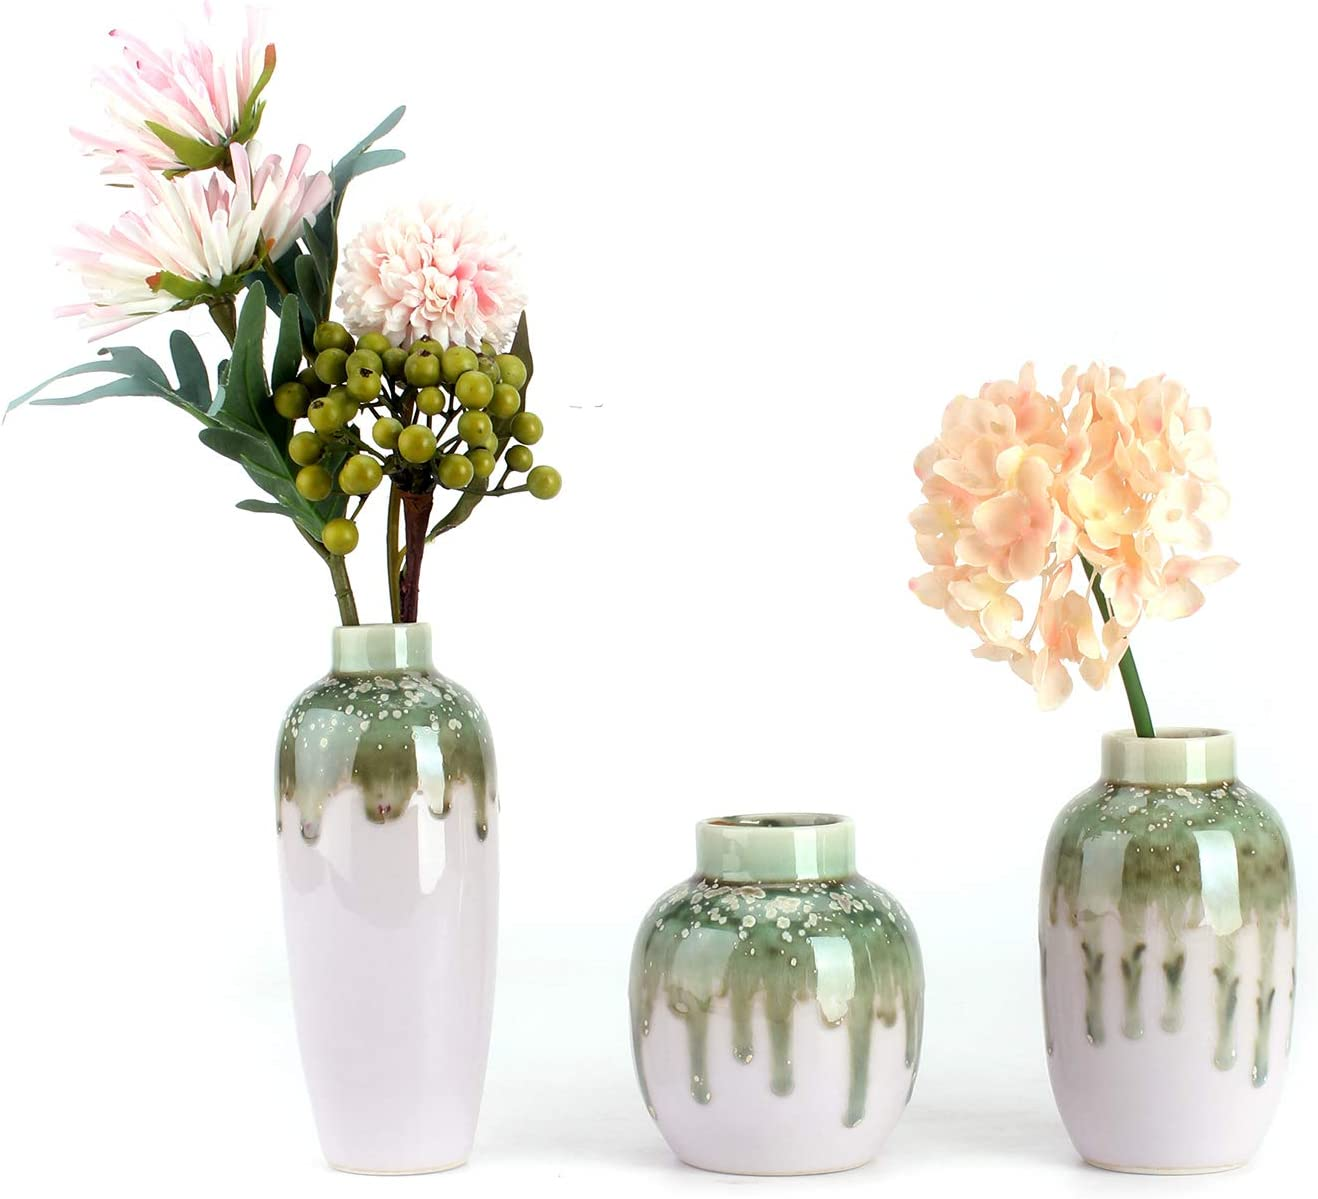 Ceramic Flower Vases Set of 3 for Home Décor, Special Design Style of Color Glazed,Light Pink